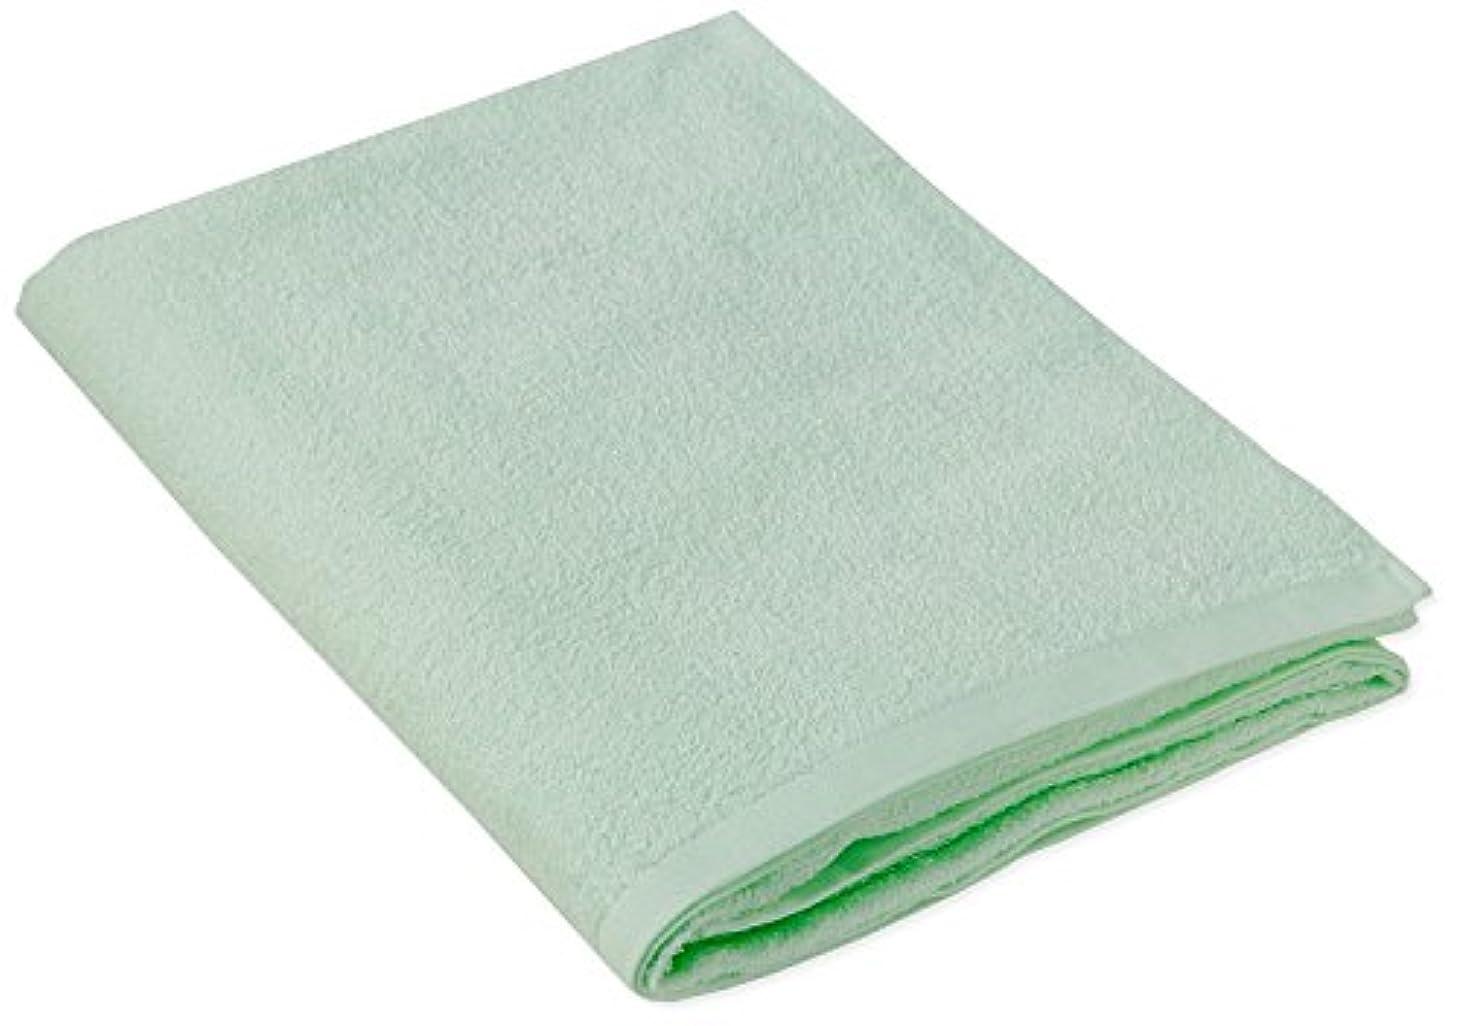 強制復活する潜在的なキヨタ 抗菌介護タオル(大判タオル1枚入) グリーン 80×135cm